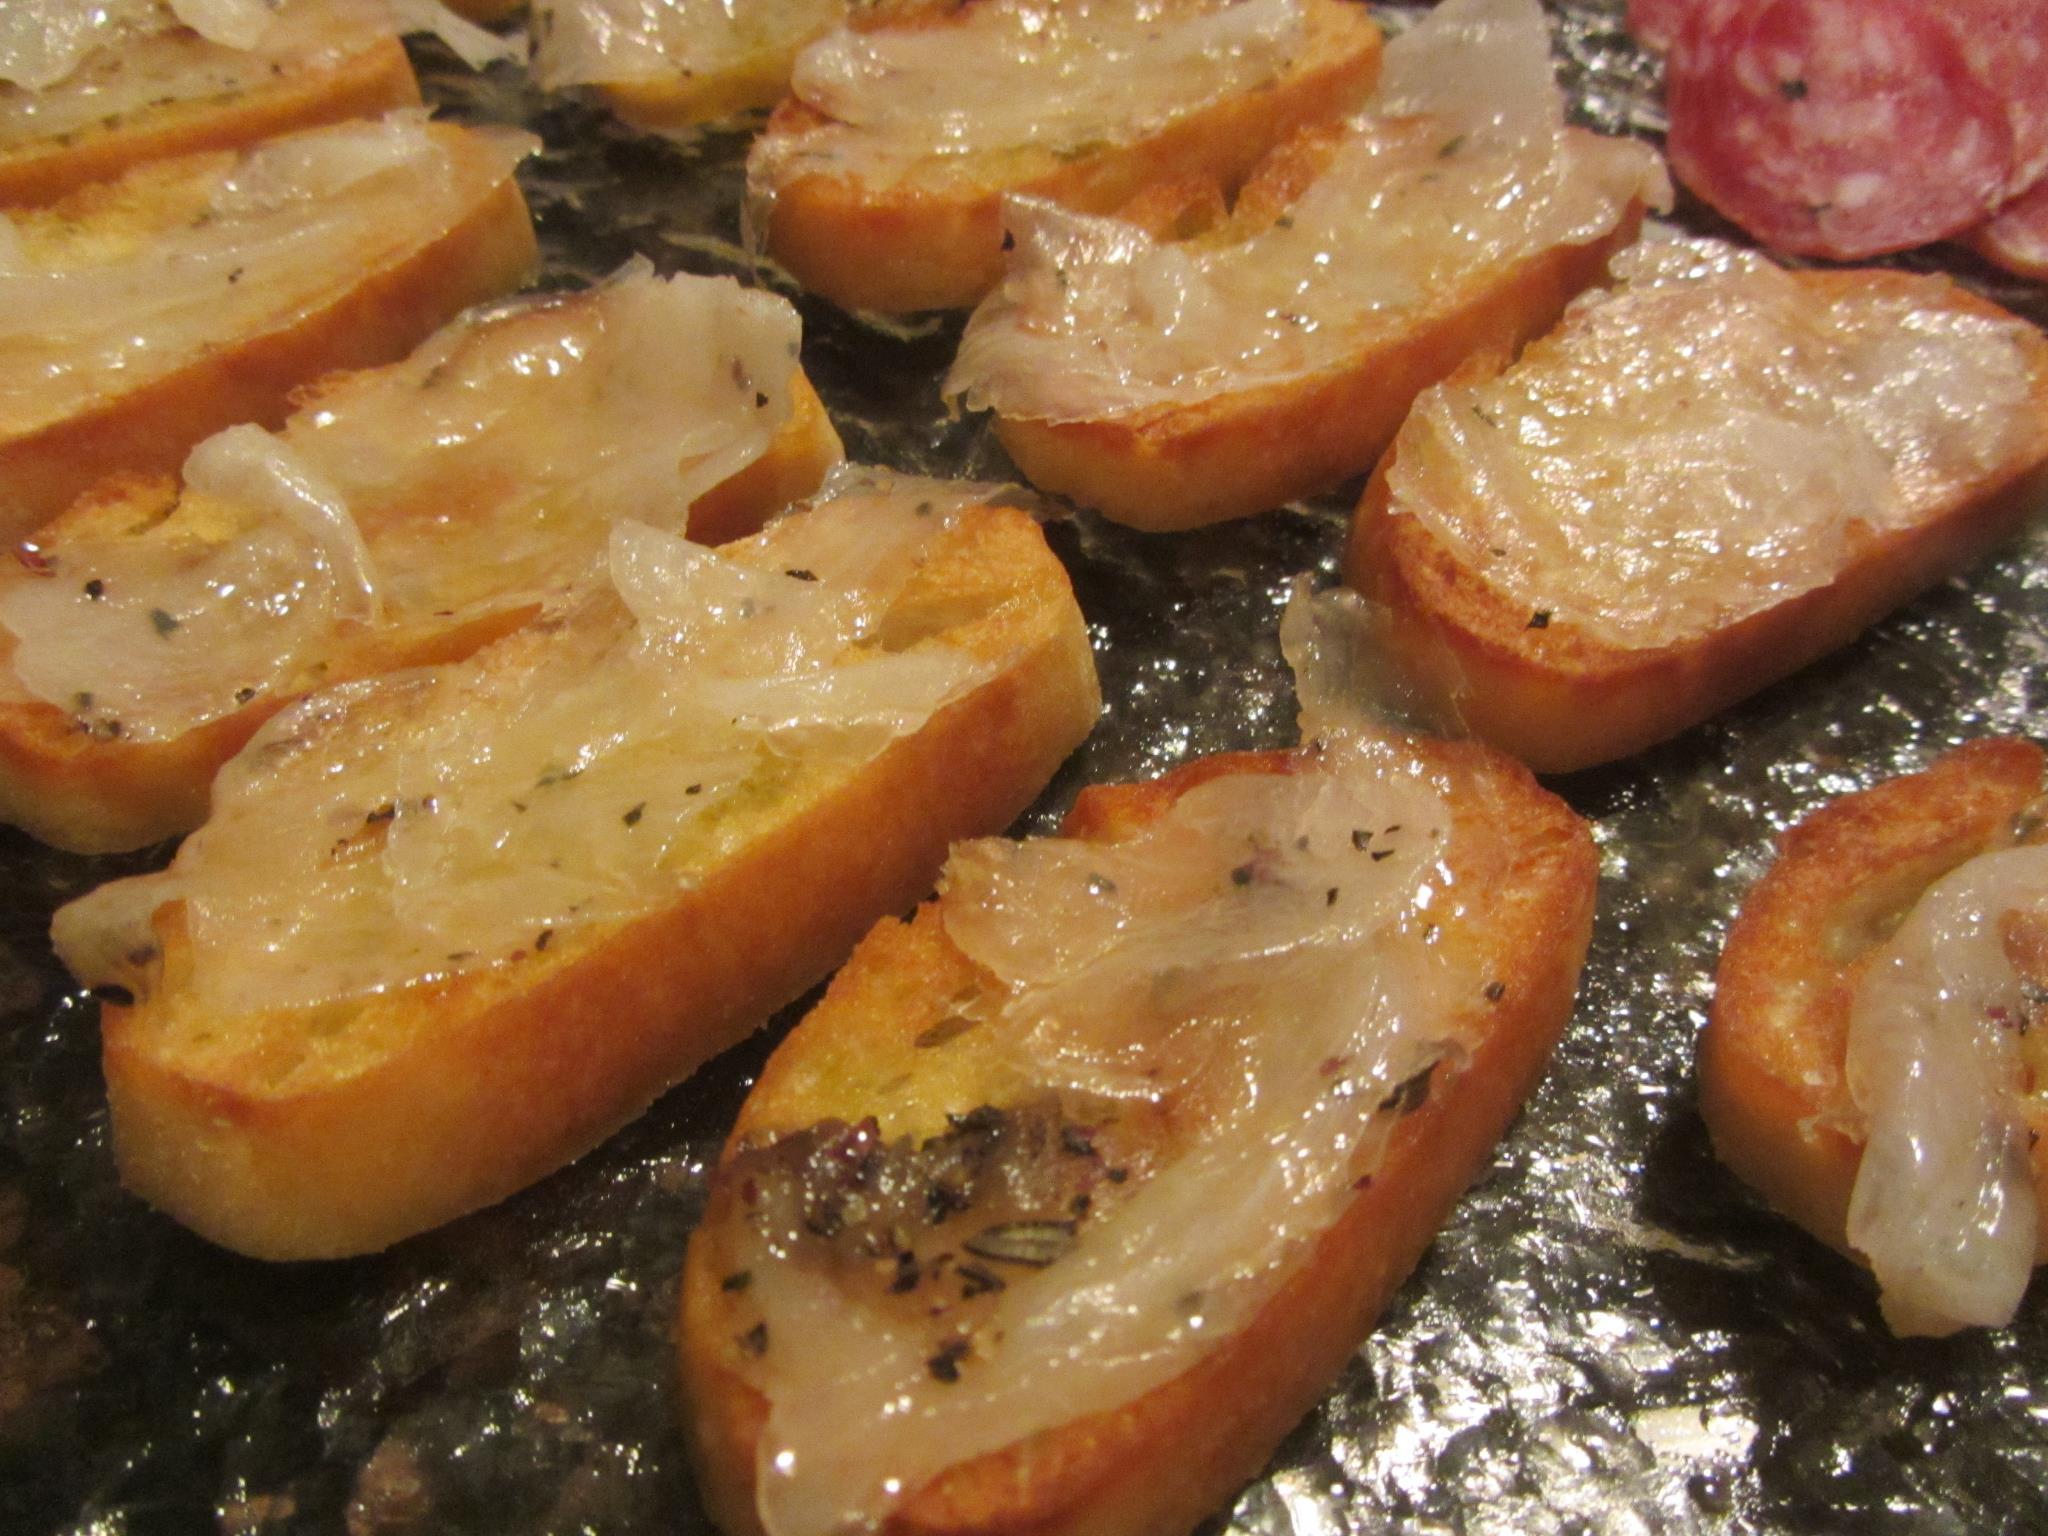 Salumeria Biellese lardo on warm crostini